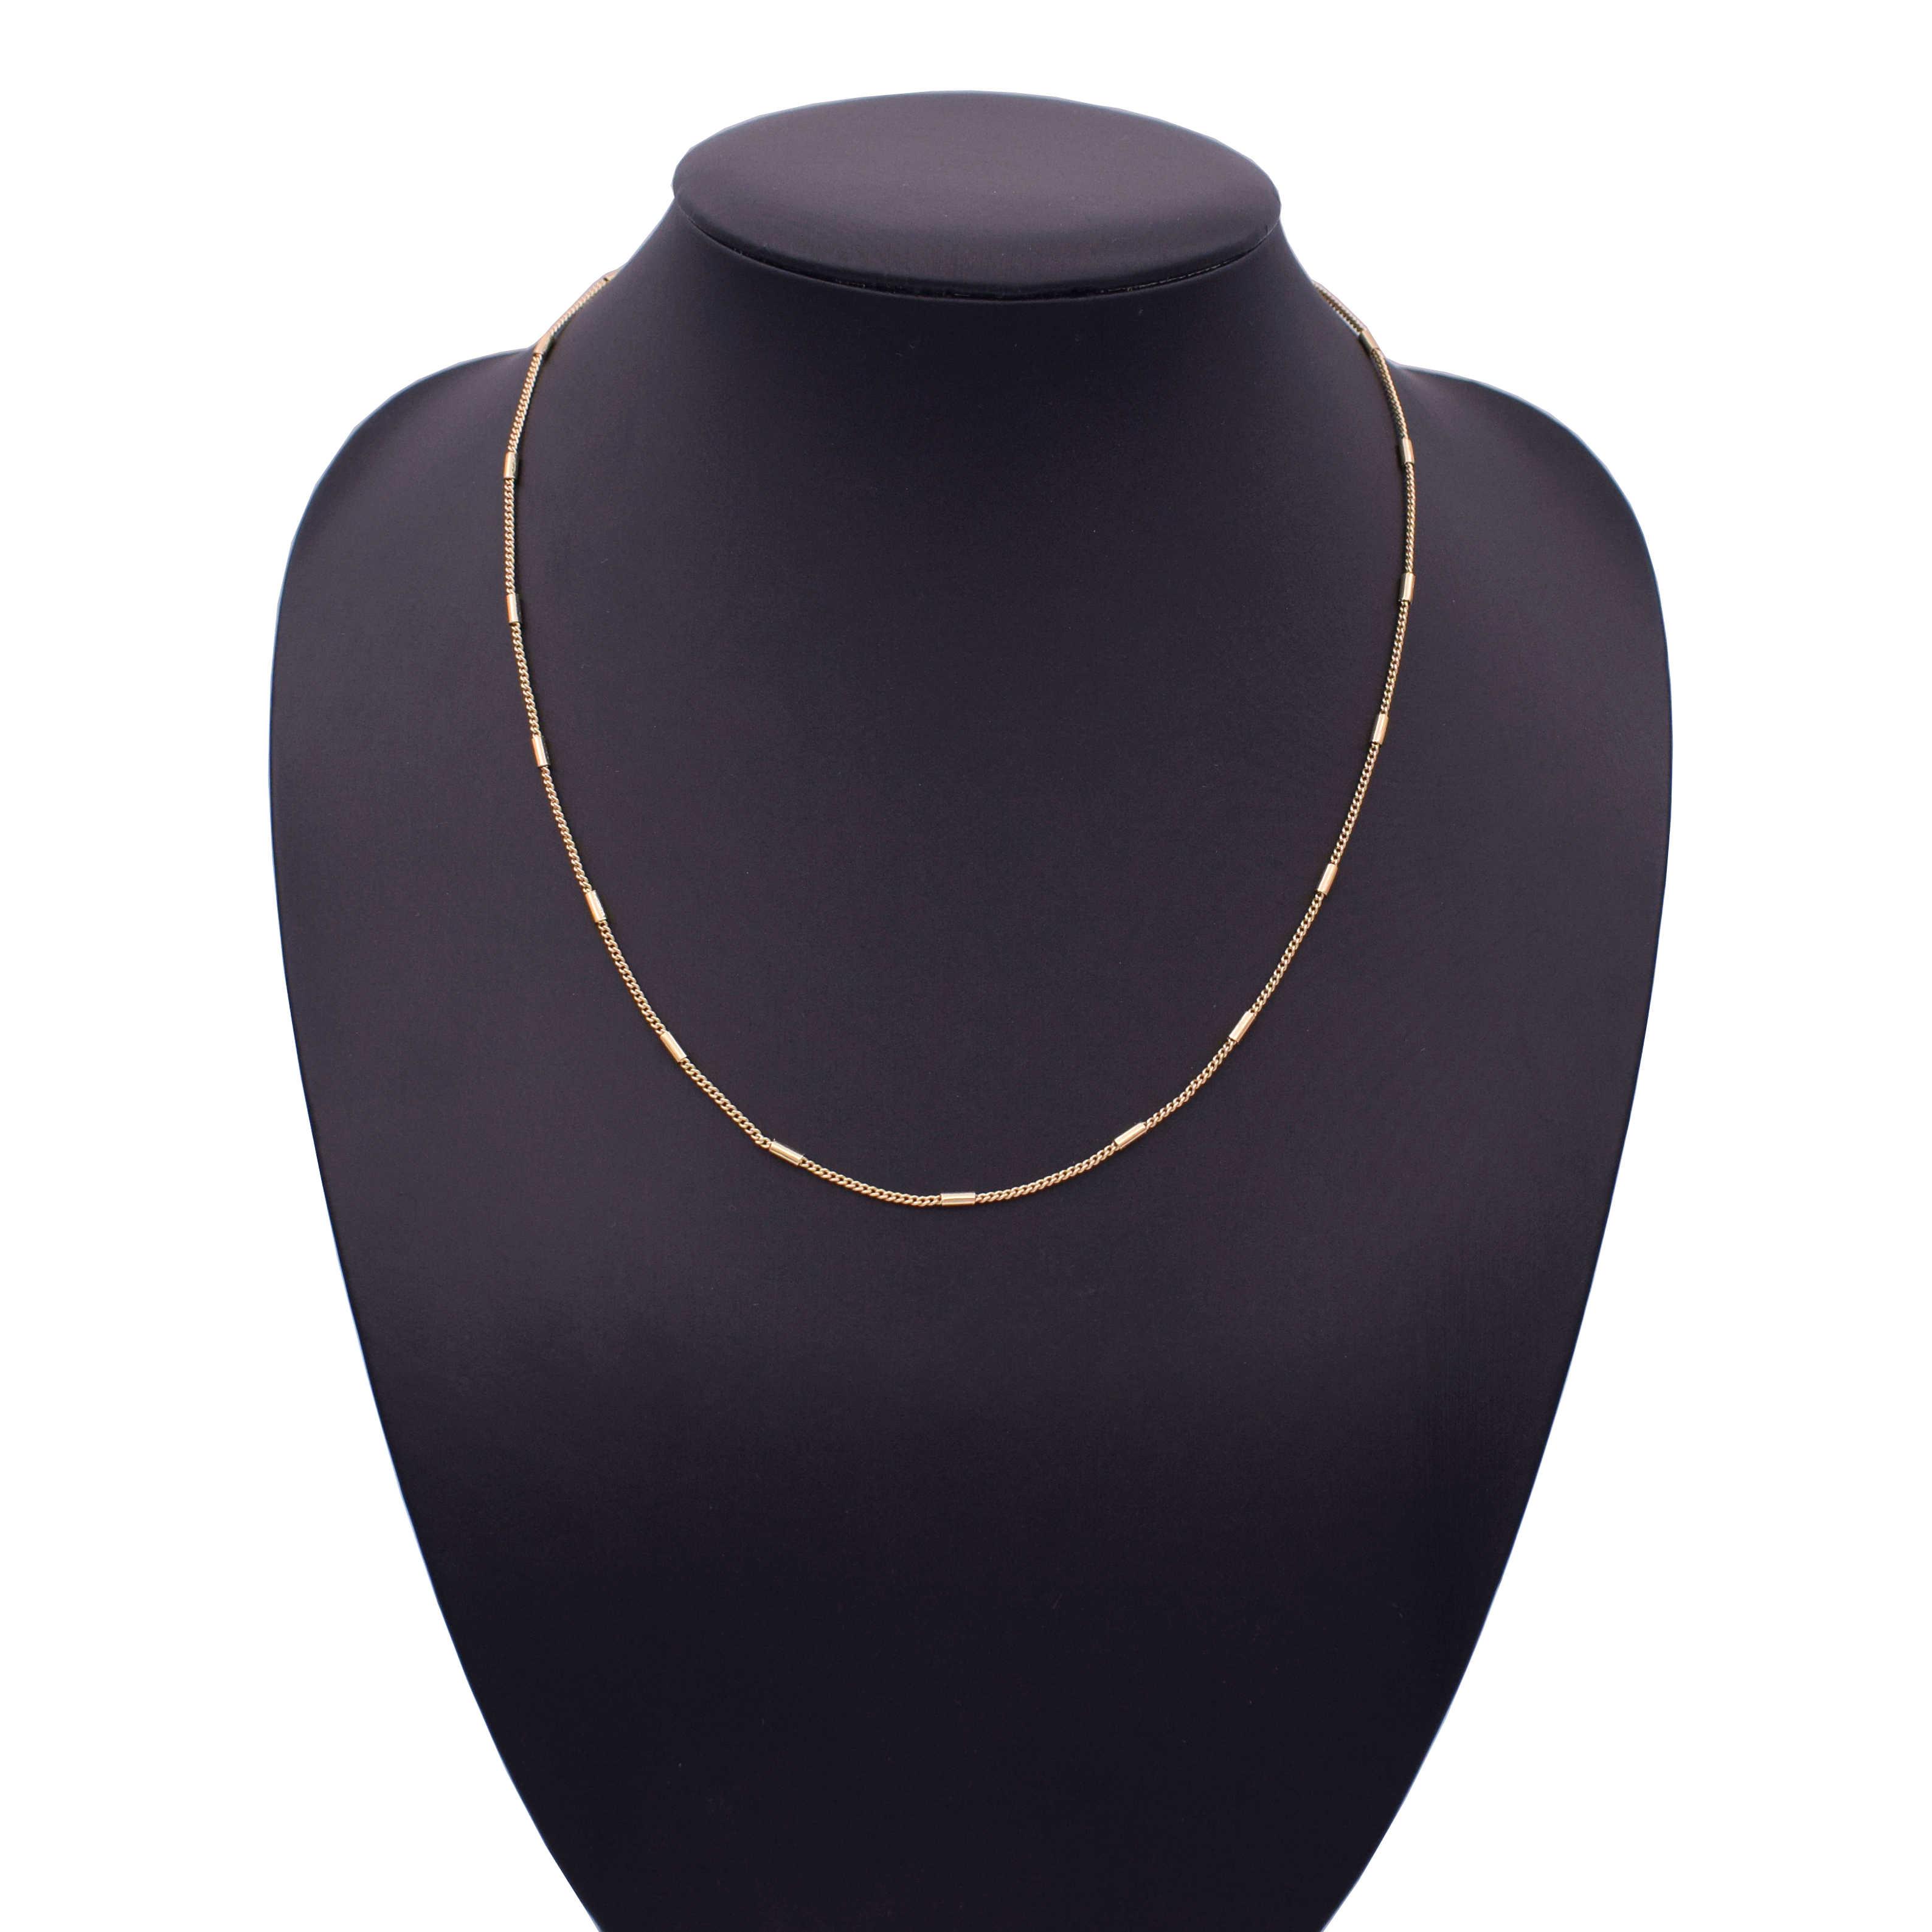 Próżni poszycia złota róża złoty wypełniony stałe naszyjnik łańcuchy Link mężczyźni łańcuch ze stali nierdzewnej mężczyzna kobieta akcesoria